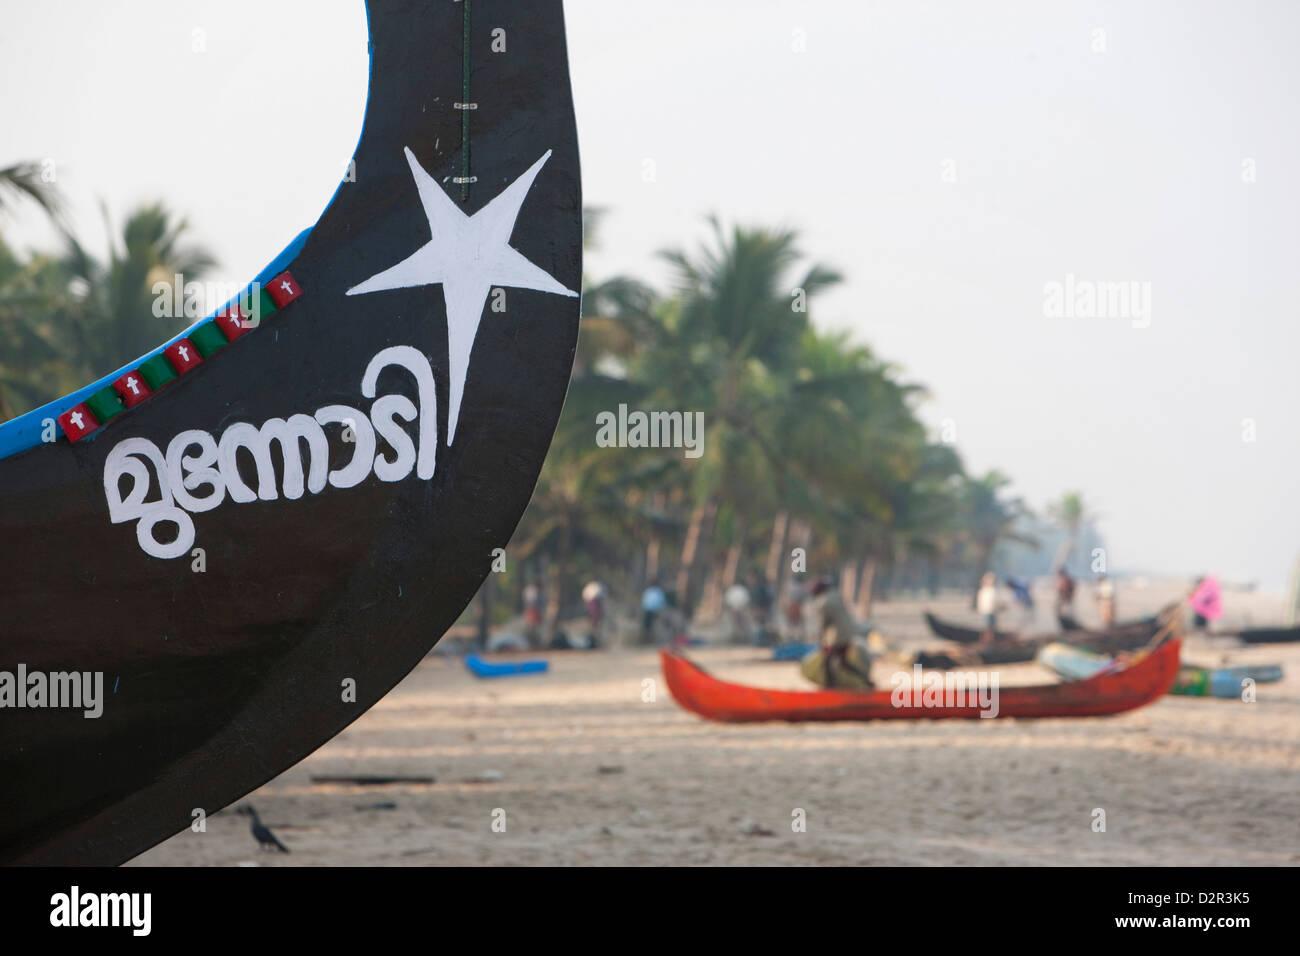 Traditional fishing boats at Marari Beach, Kerala, India, Asia - Stock Image